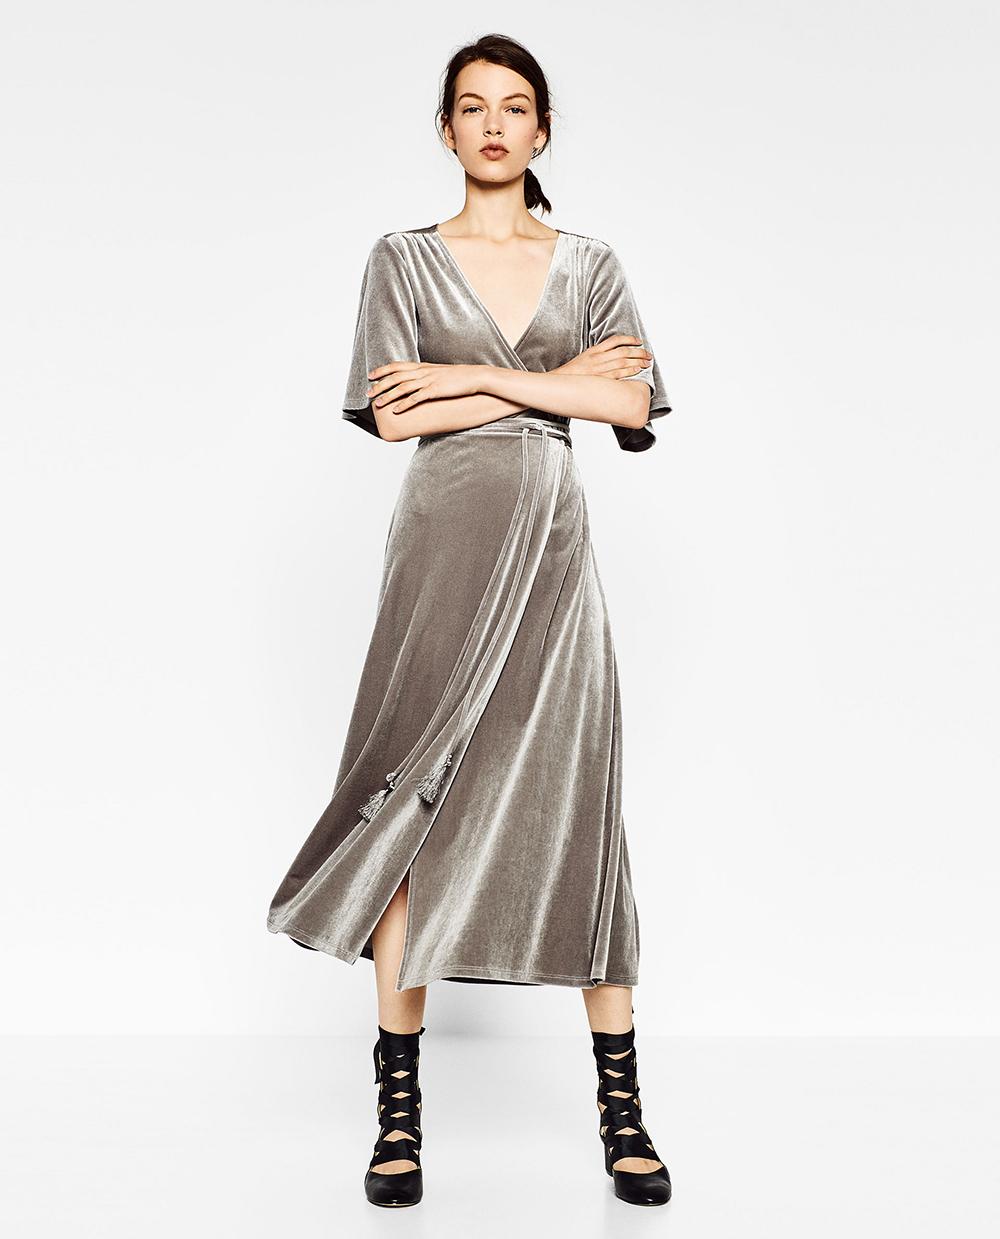 Zara Crossover Velvet Dress - 8 Perfect Velvet Pieces for Fall